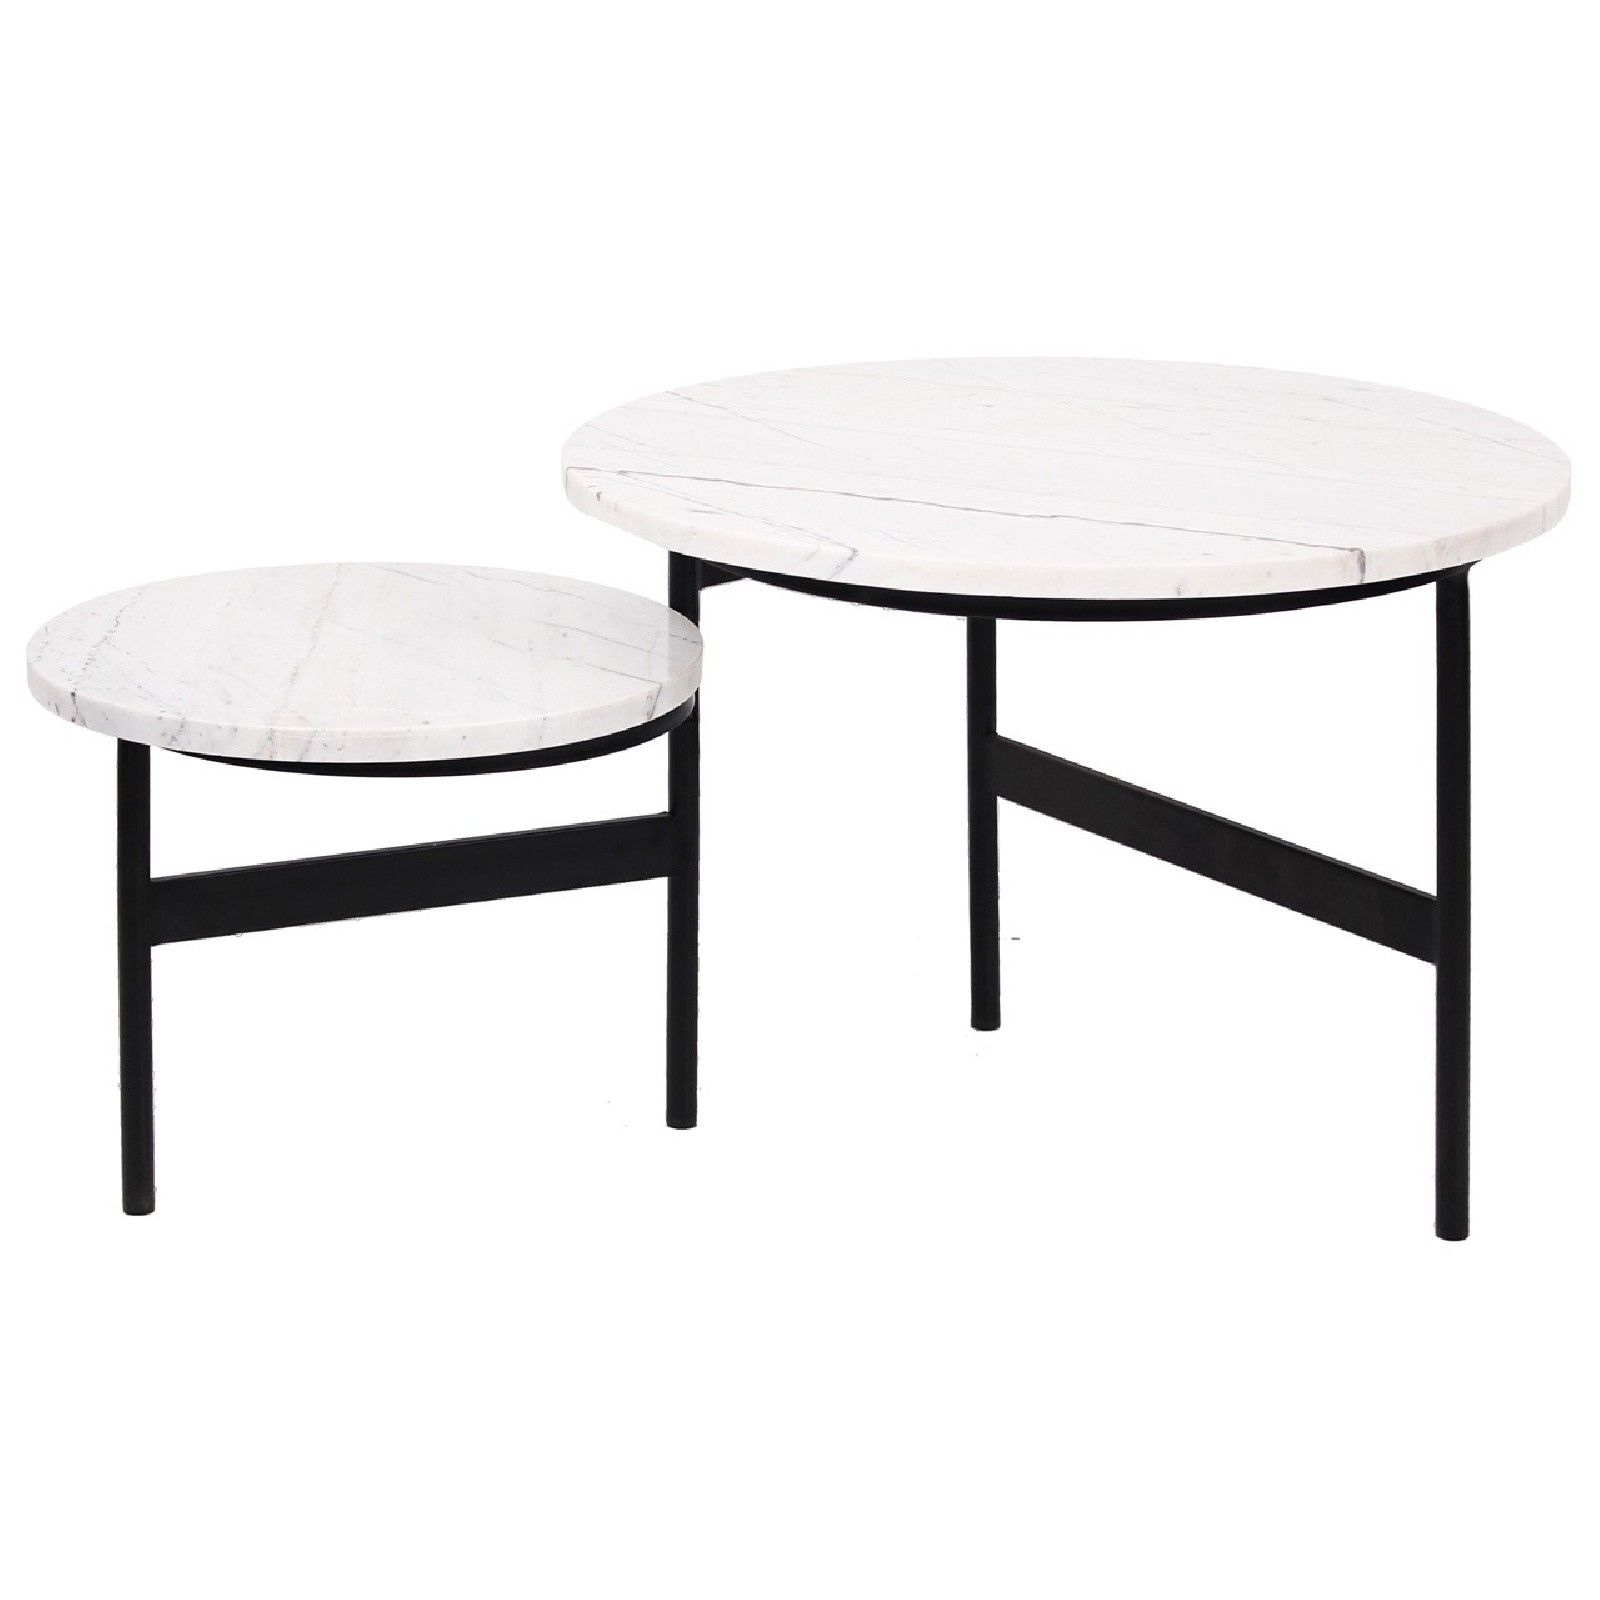 Table basse ronde - 2 plateaux rotatifs - Fer et marbre blanc